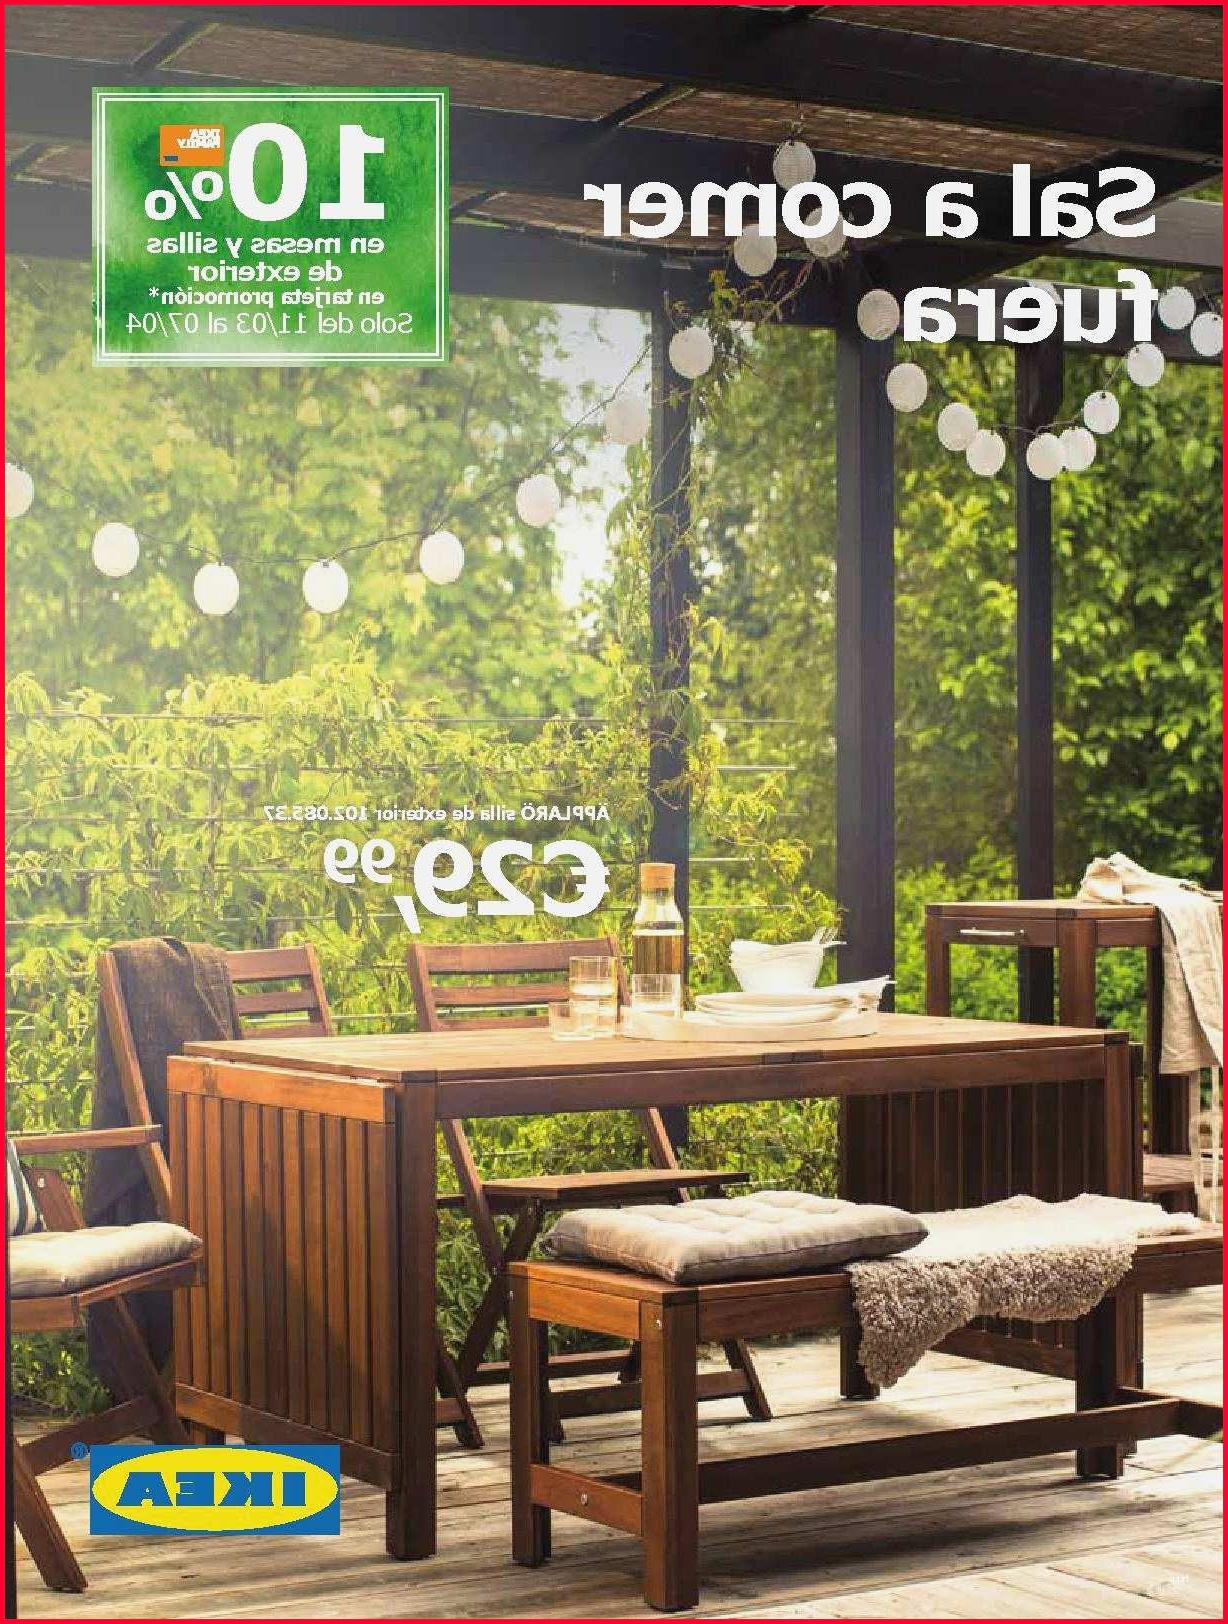 Ikea Mesas De Jardin U3dh Reciente Ikea Mesas De Jardin Galerà A De Jardà N Decorativo